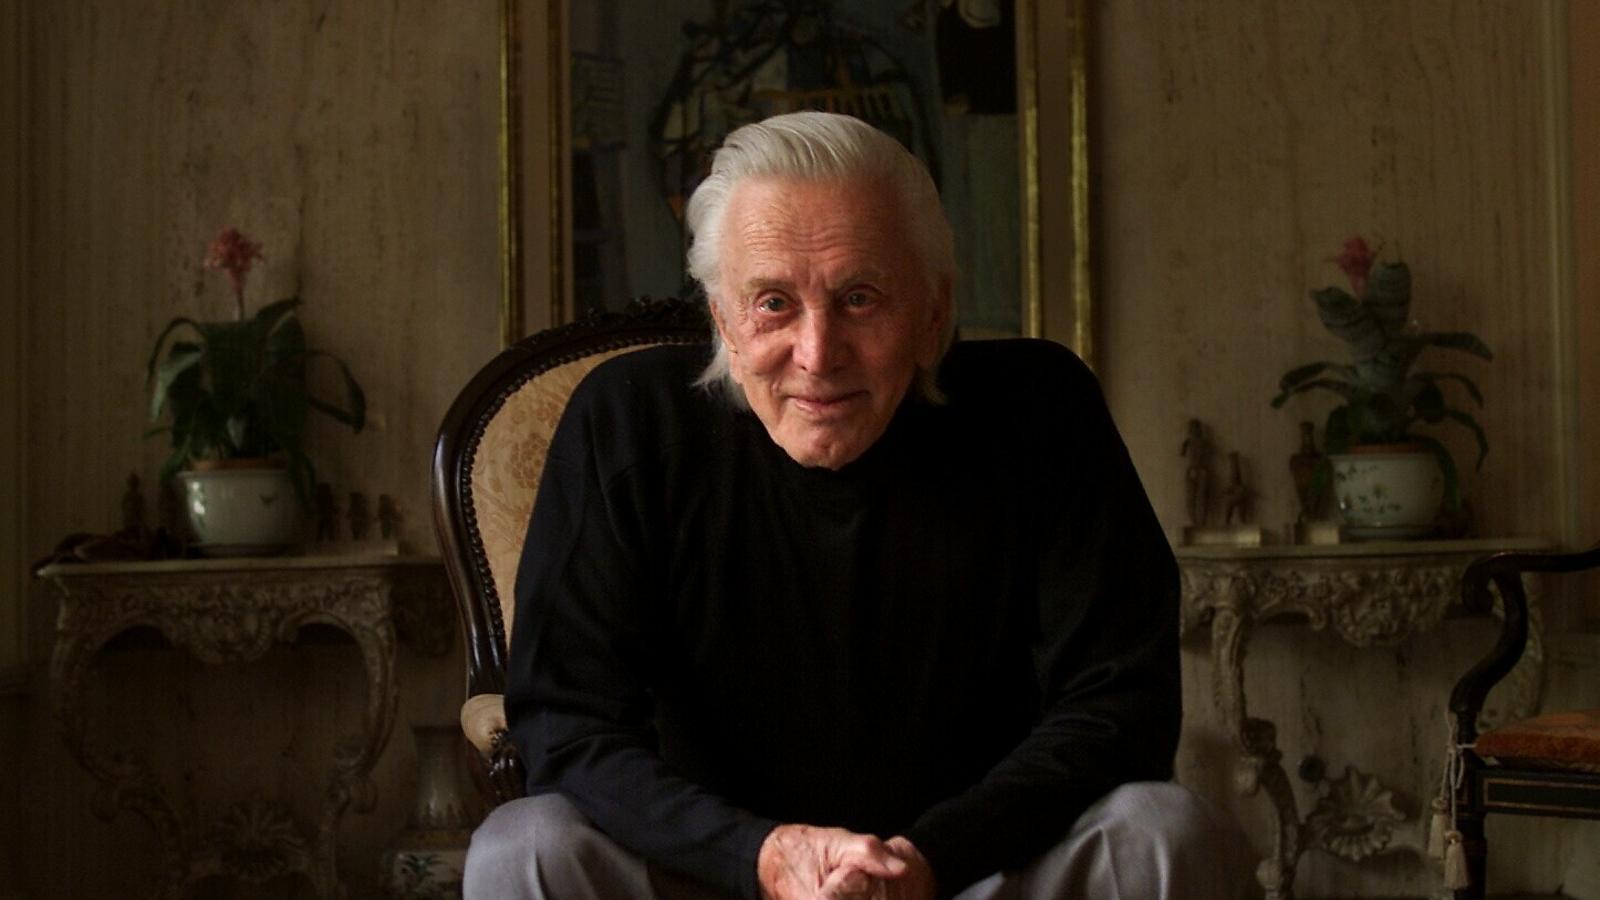 Kirk Douglas, mite del Hollywood clàssic, mor als 103 anys